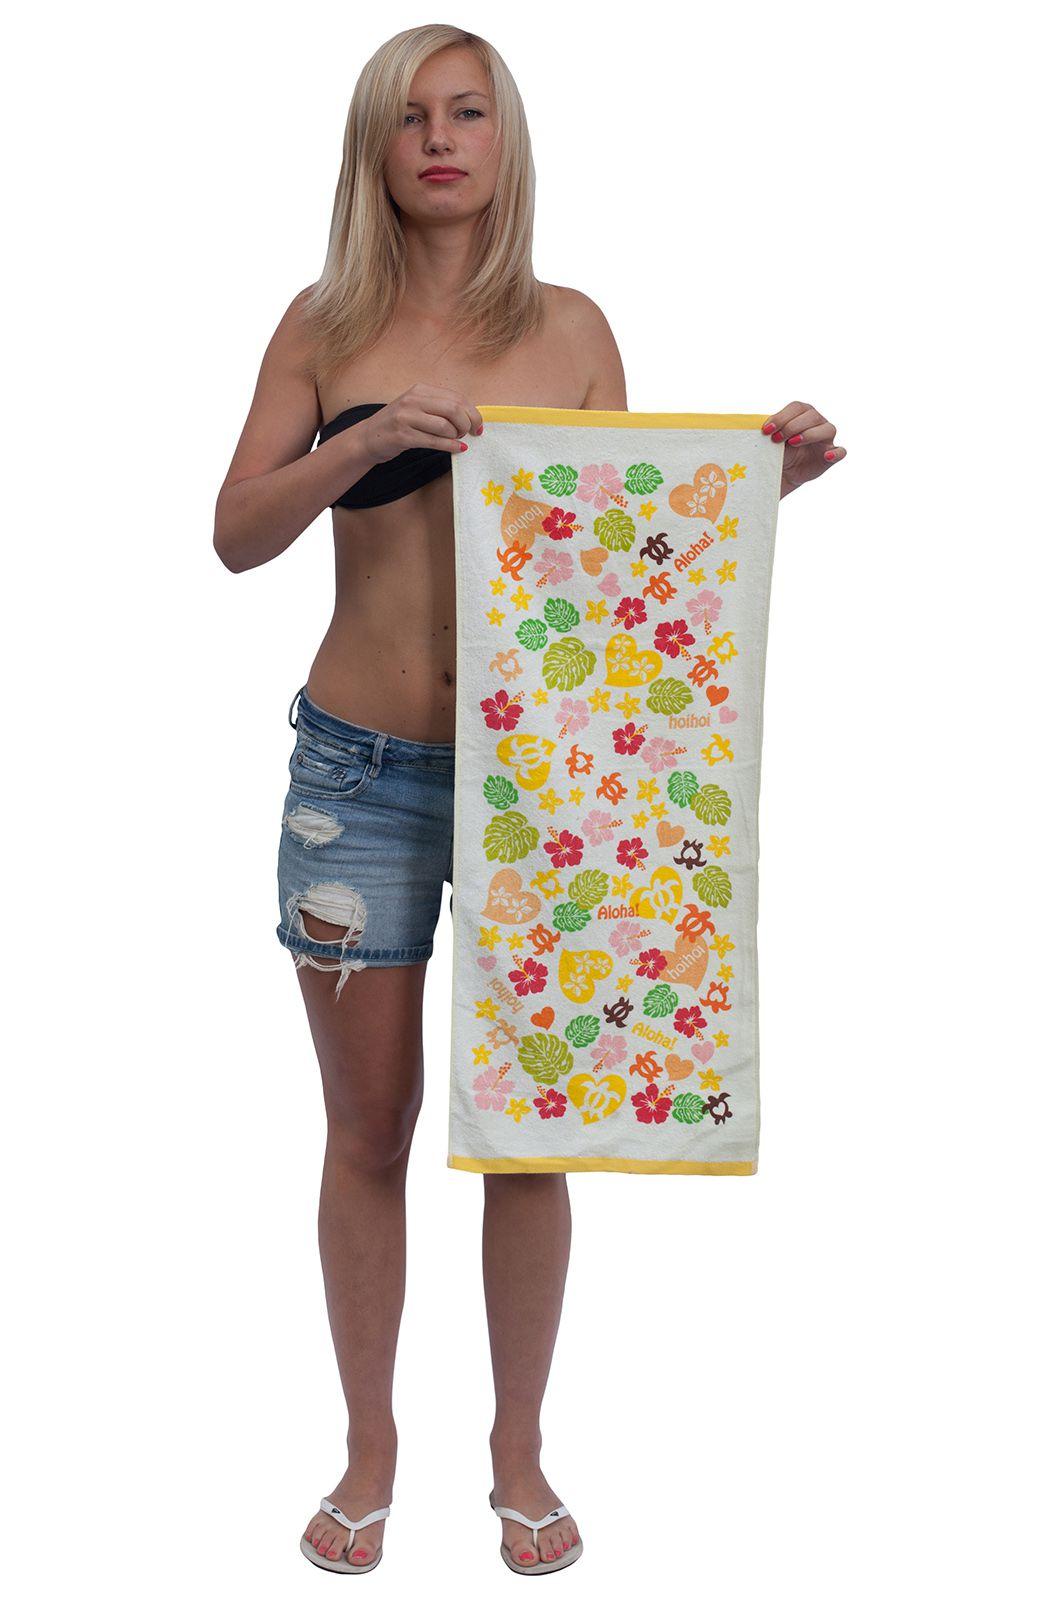 Полотенце для рук - купить недорого с доставкой